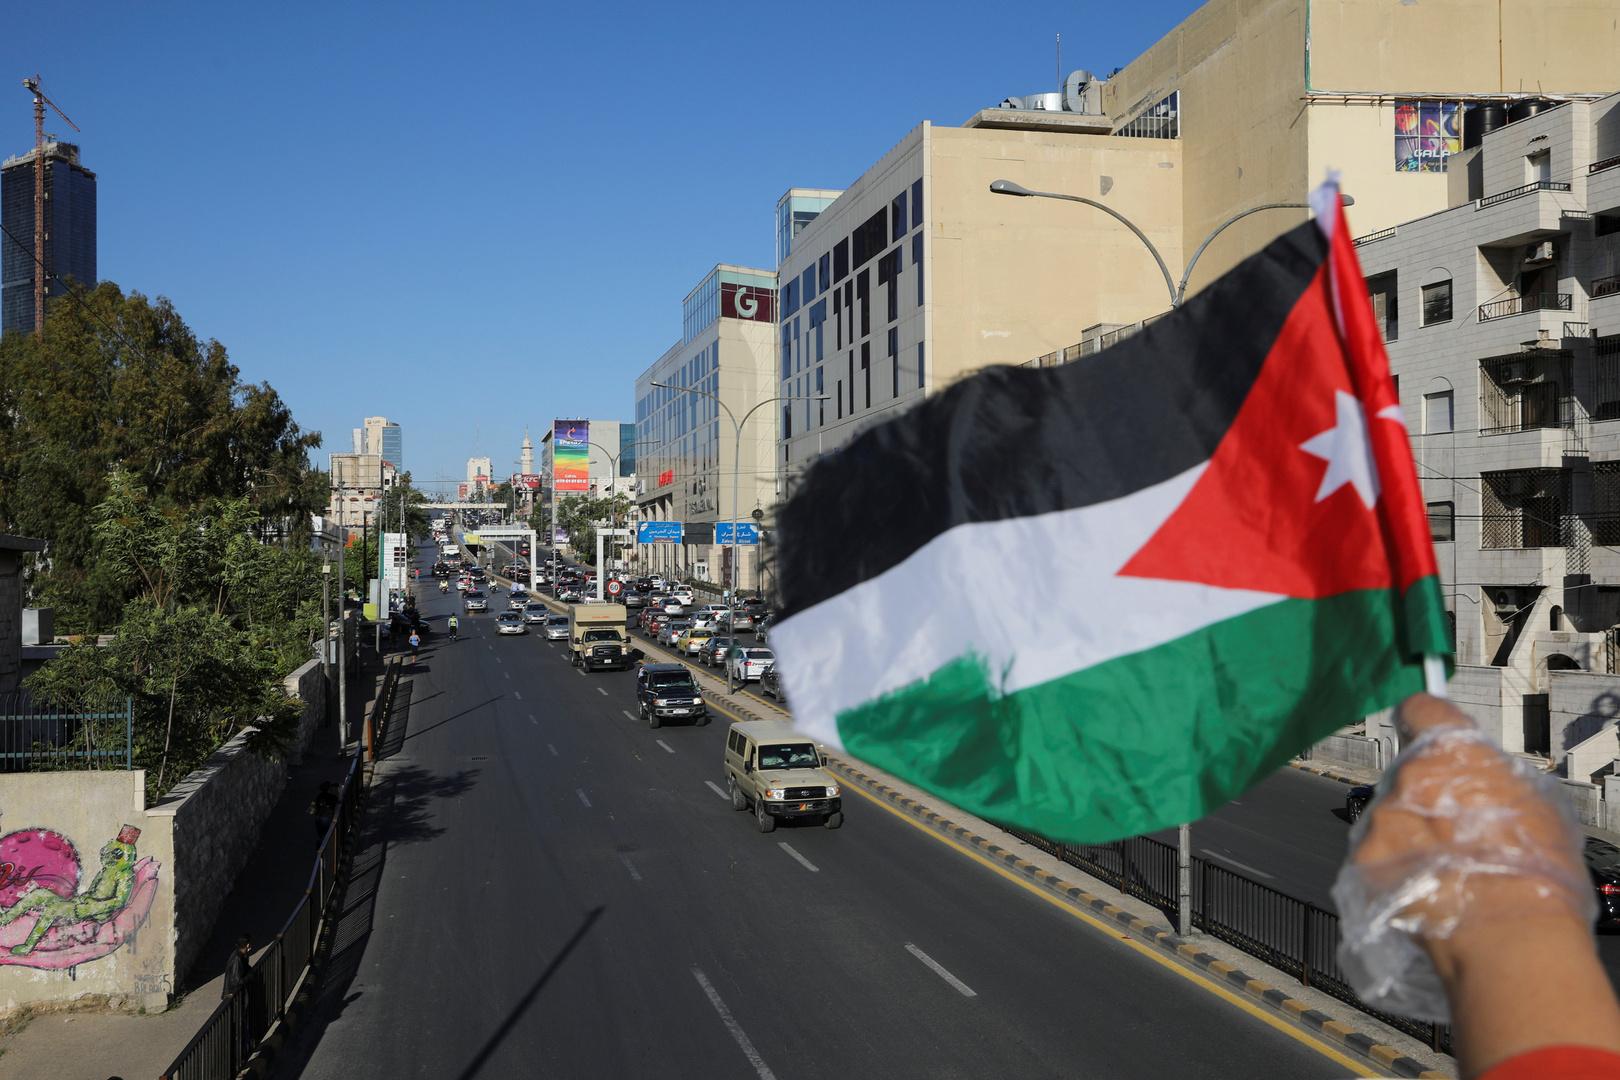 البنك الدولي يوافق على تقديم تمويل للأردن بنحو 64 مليون دولار لمواجهة كورونا